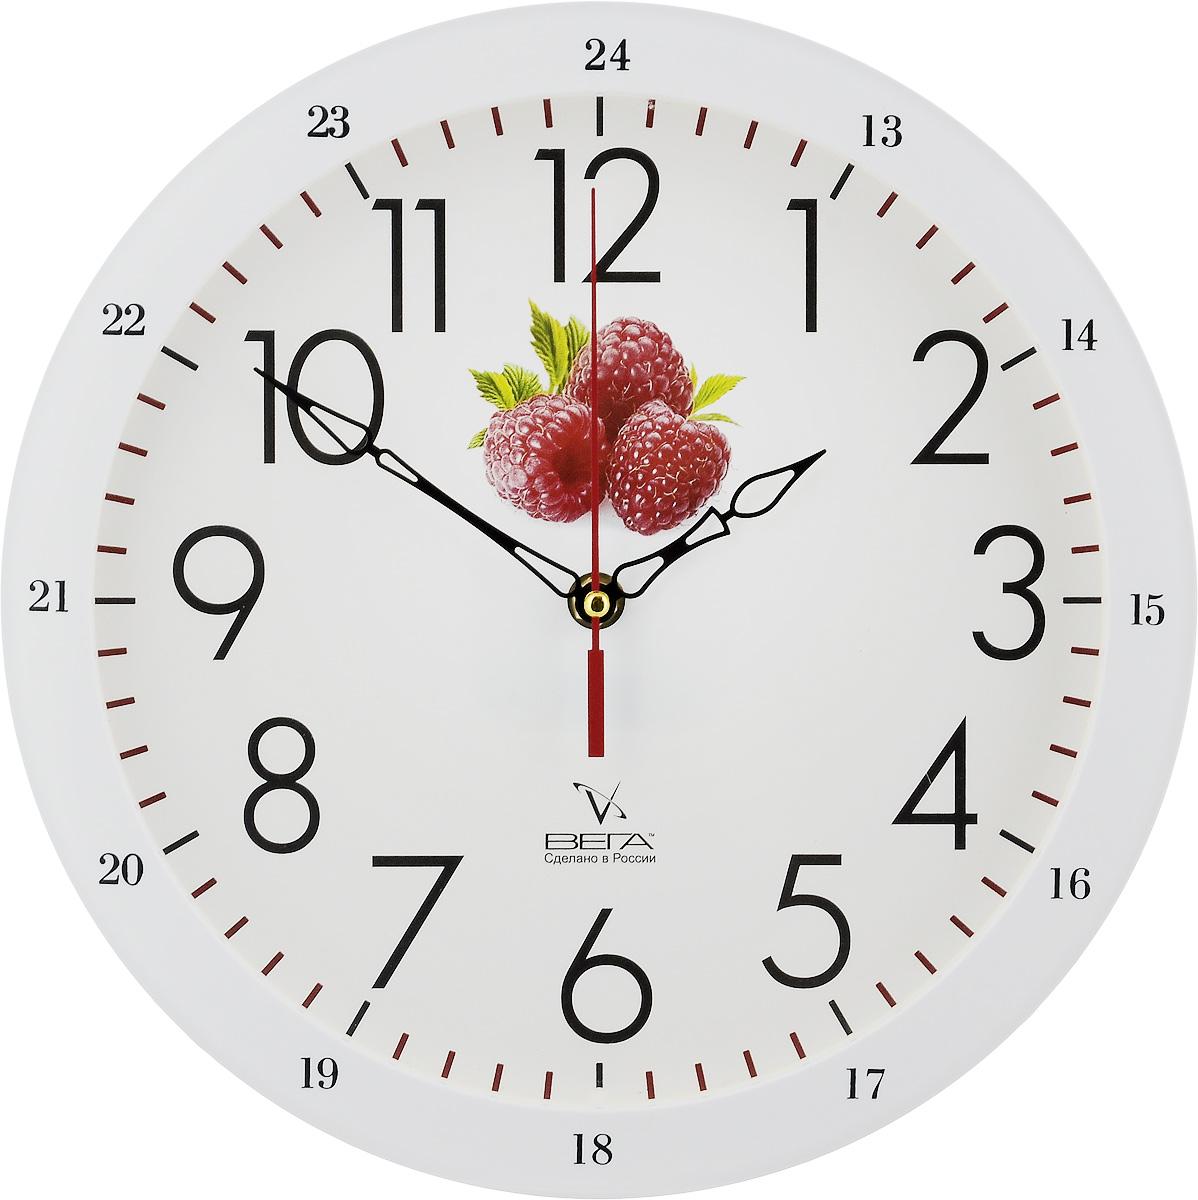 Часы настенные Вега Классика с малиной, диаметр 28,5 смTL-C5022Настенные кварцевые часы Вега Классика с малиной, изготовленные из пластика, прекрасно впишутся в интерьер вашего дома. Круглые часы имеют три стрелки: часовую, минутную и секундную, циферблат защищен прозрачным стеклом. Часы работают от 1 батарейки типа АА напряжением 1,5 В (не входит в комплект). Диаметр часов: 28,5 см.